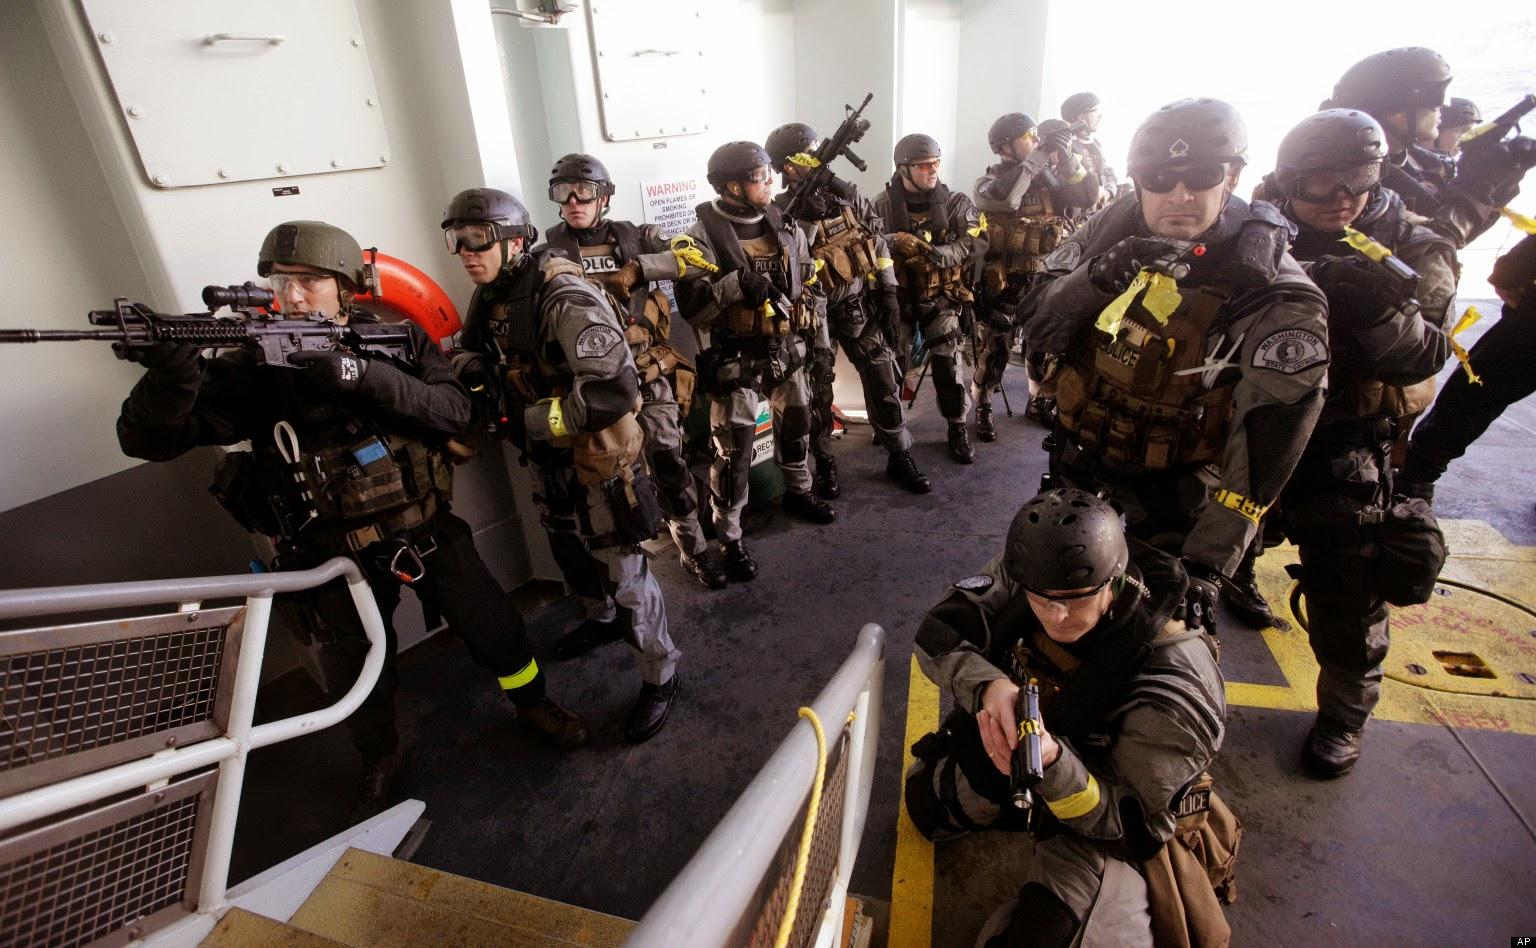 Universities Secretive Swat Teams Are Being Trained By Israeli Swat